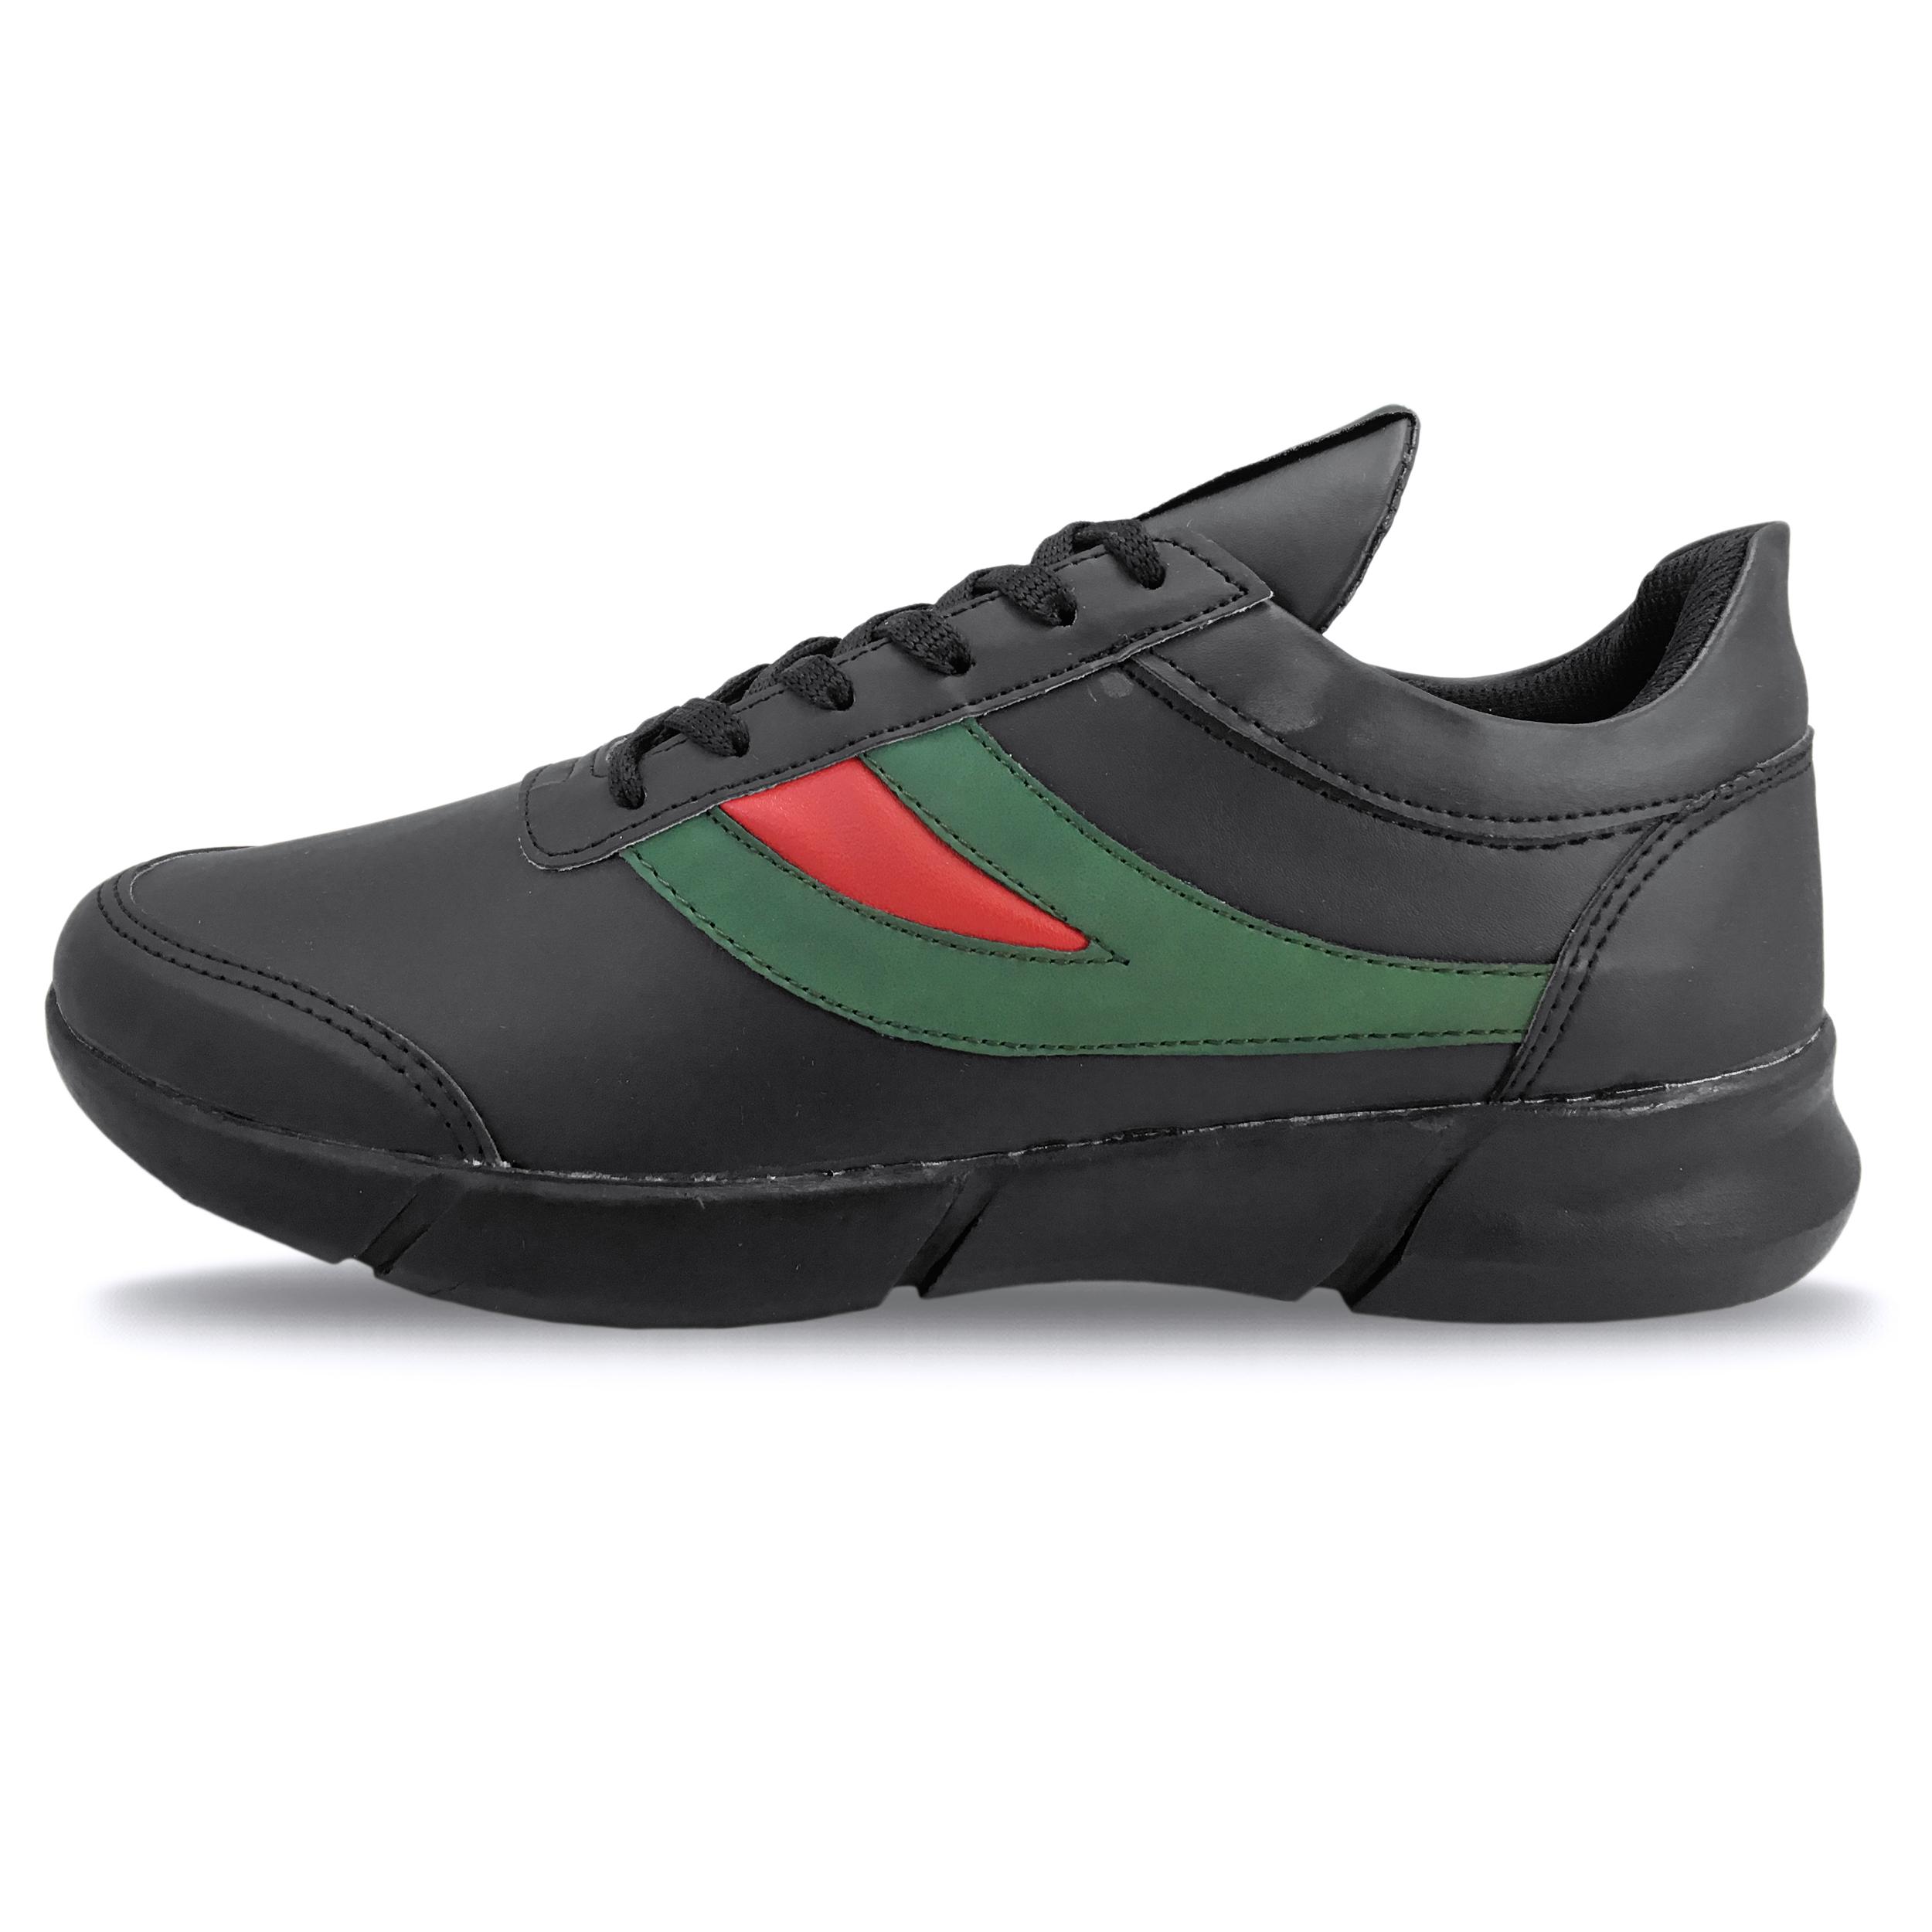 کفش مخصوص پیاده روی مردانه مدل سالوادور کد 3753